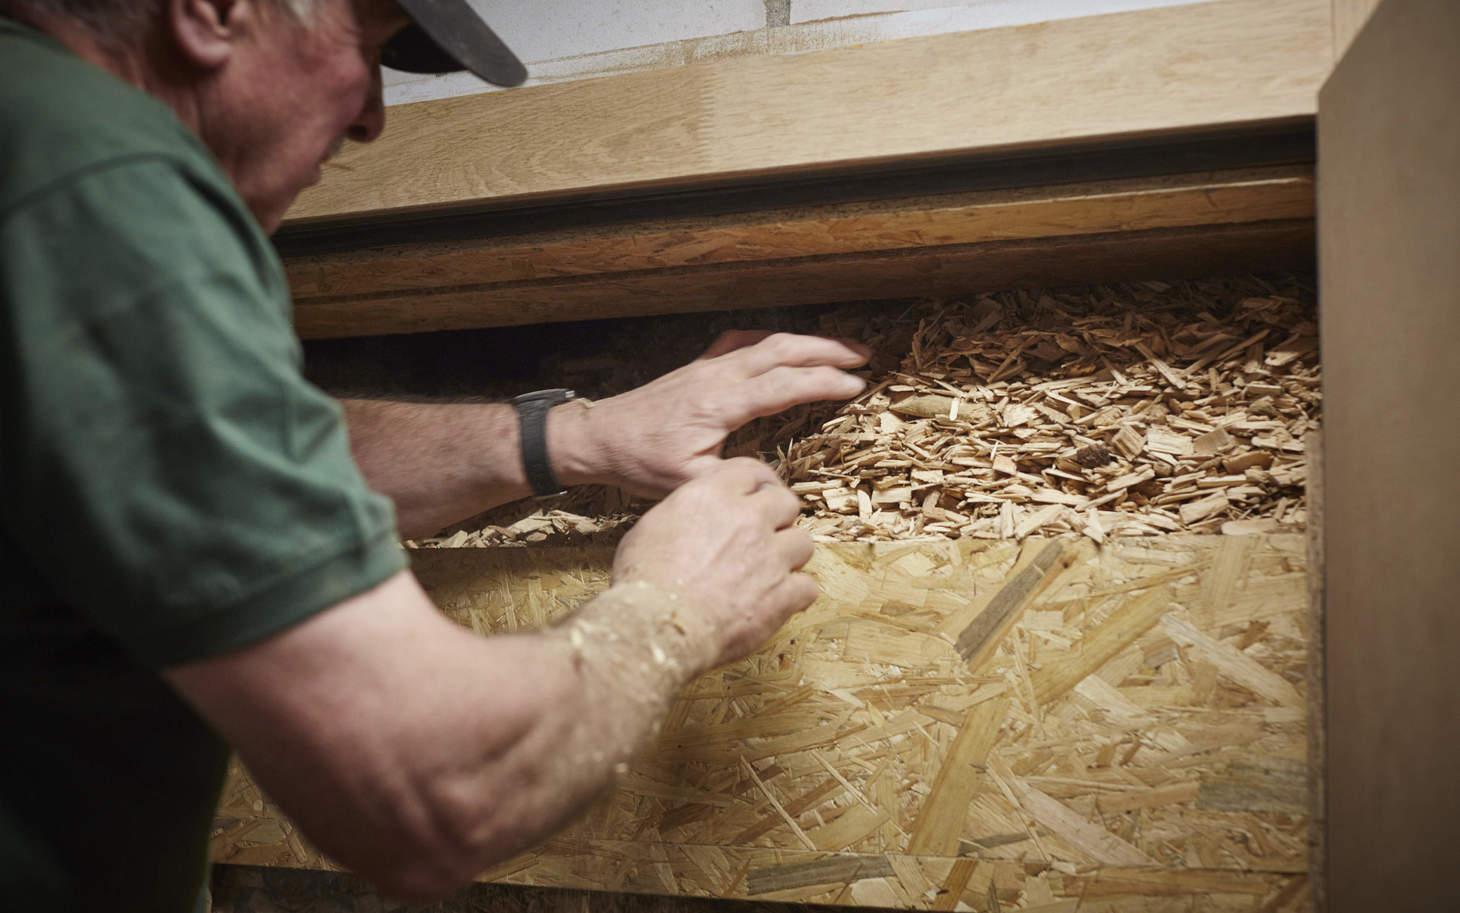 Handwerker füllt Holzschnitzel in die Heizungsanlage